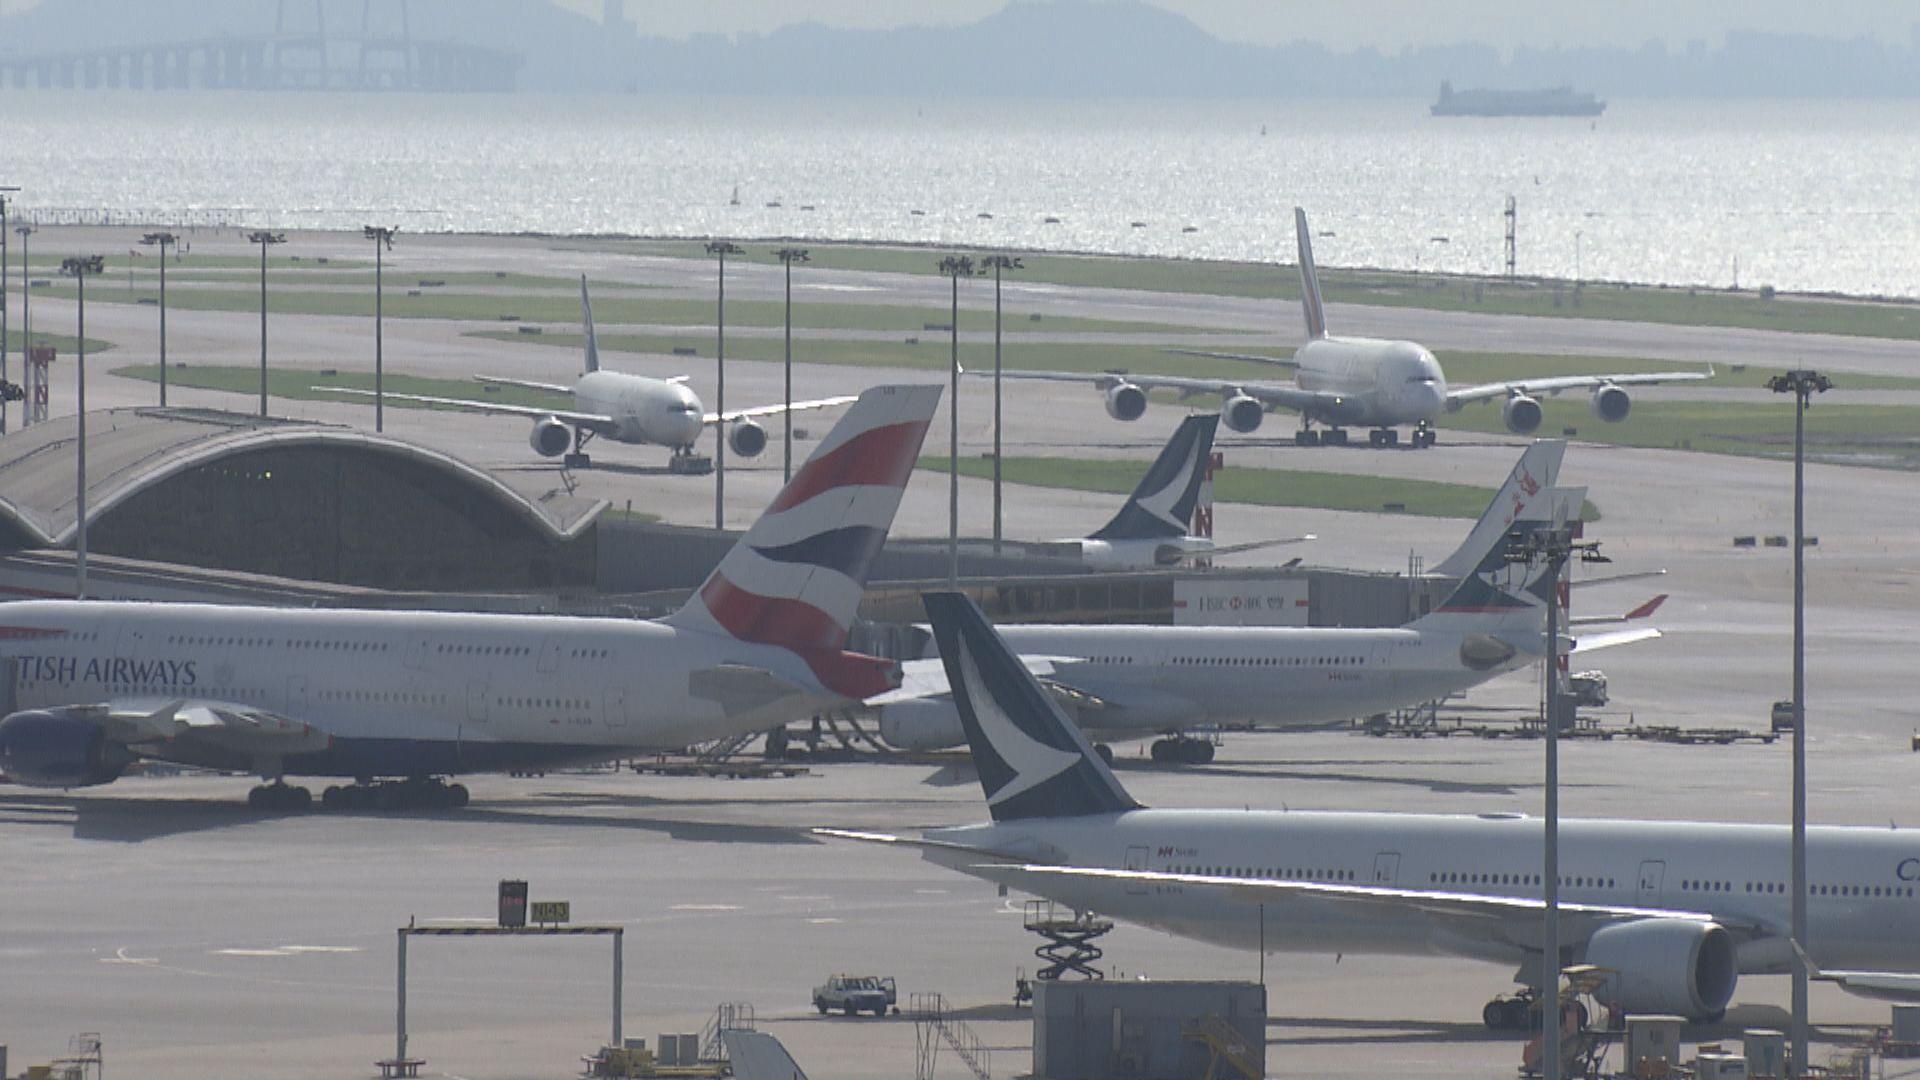 機場周五發生跑道事故 無人受傷